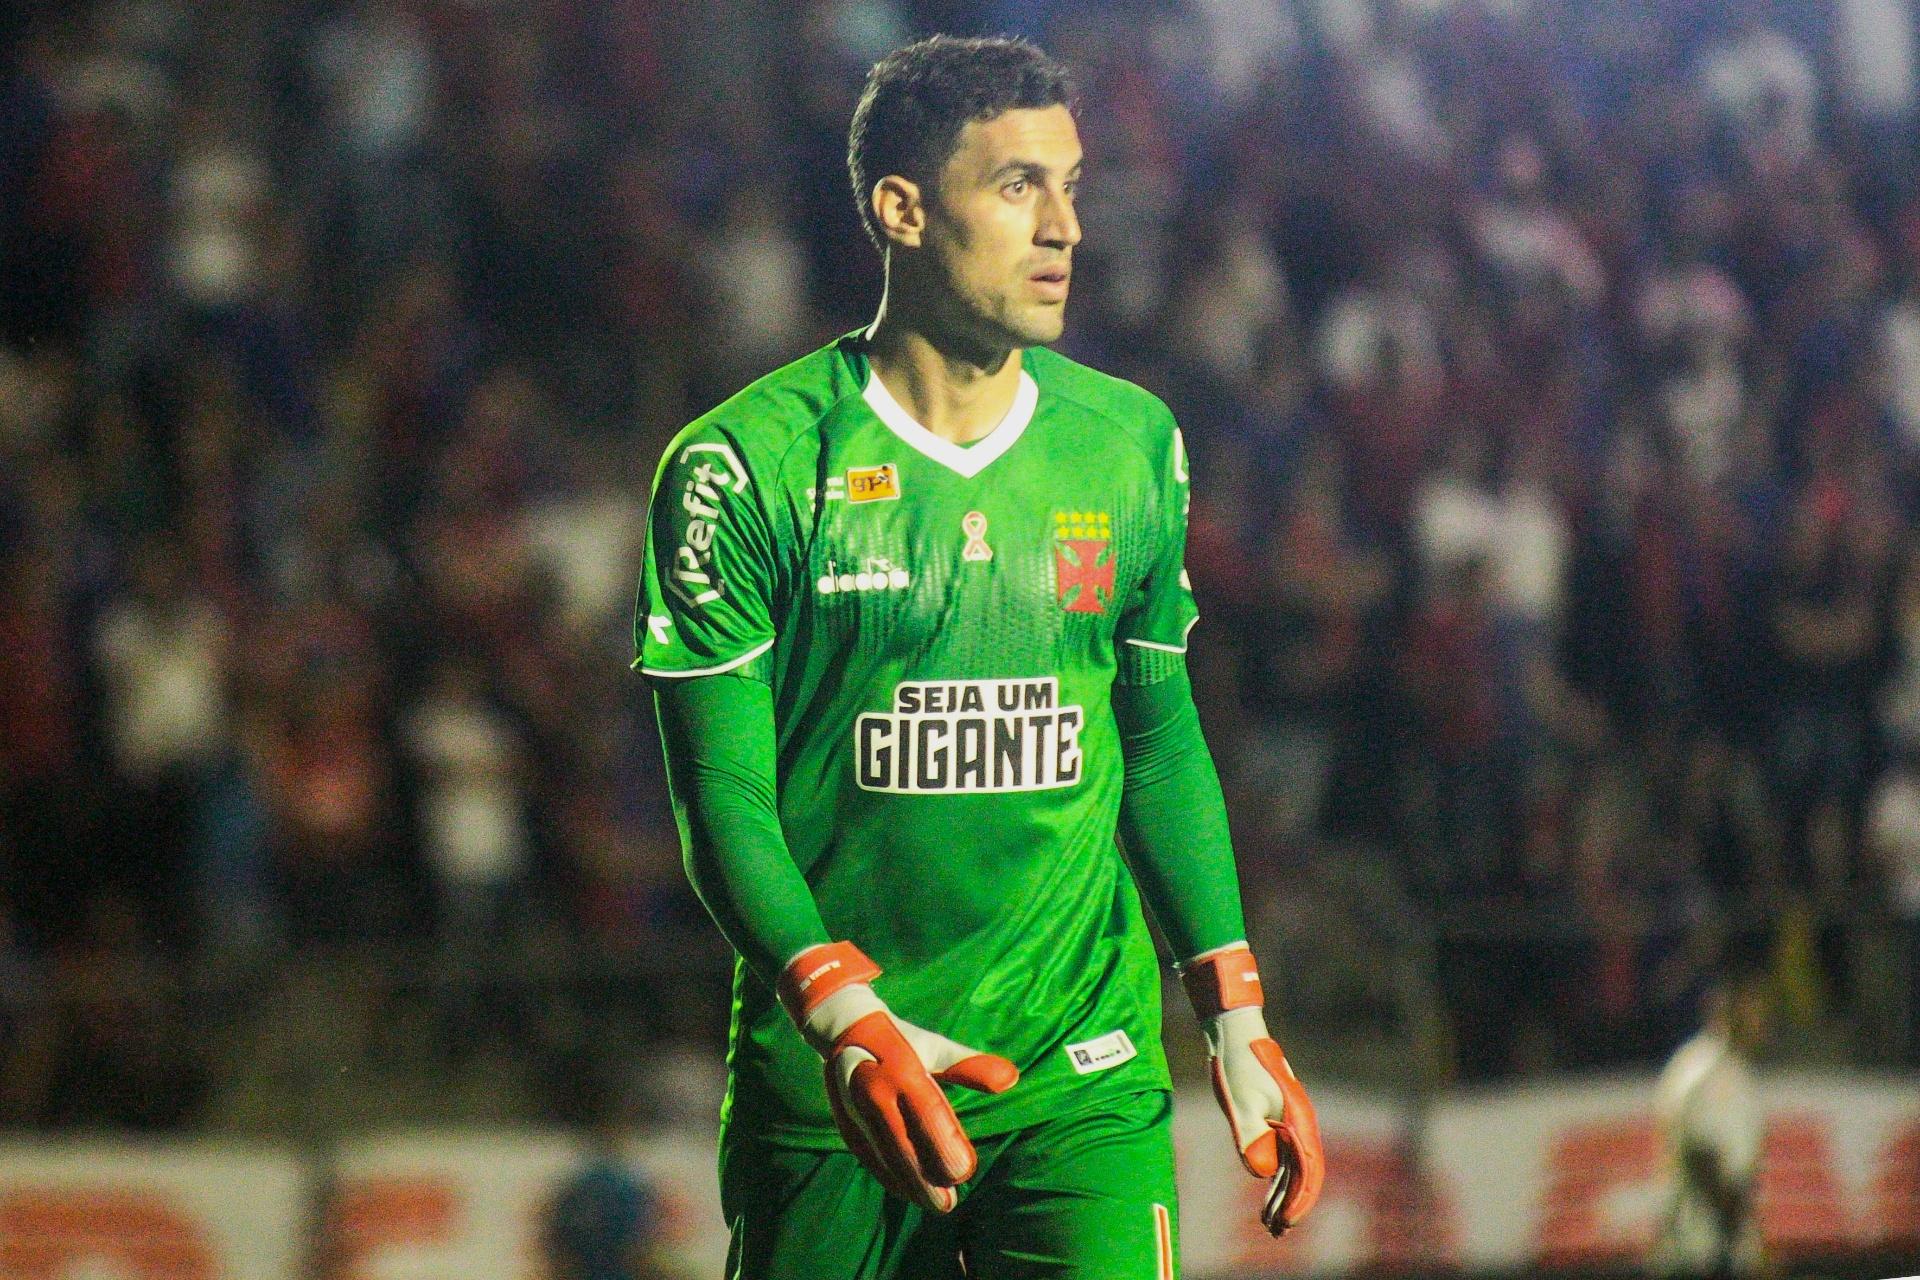 13479eb134 Martin Silva negocia rescisão com o Vasco e pode retornar ao Paraguai -  10 12 2018 - UOL Esporte